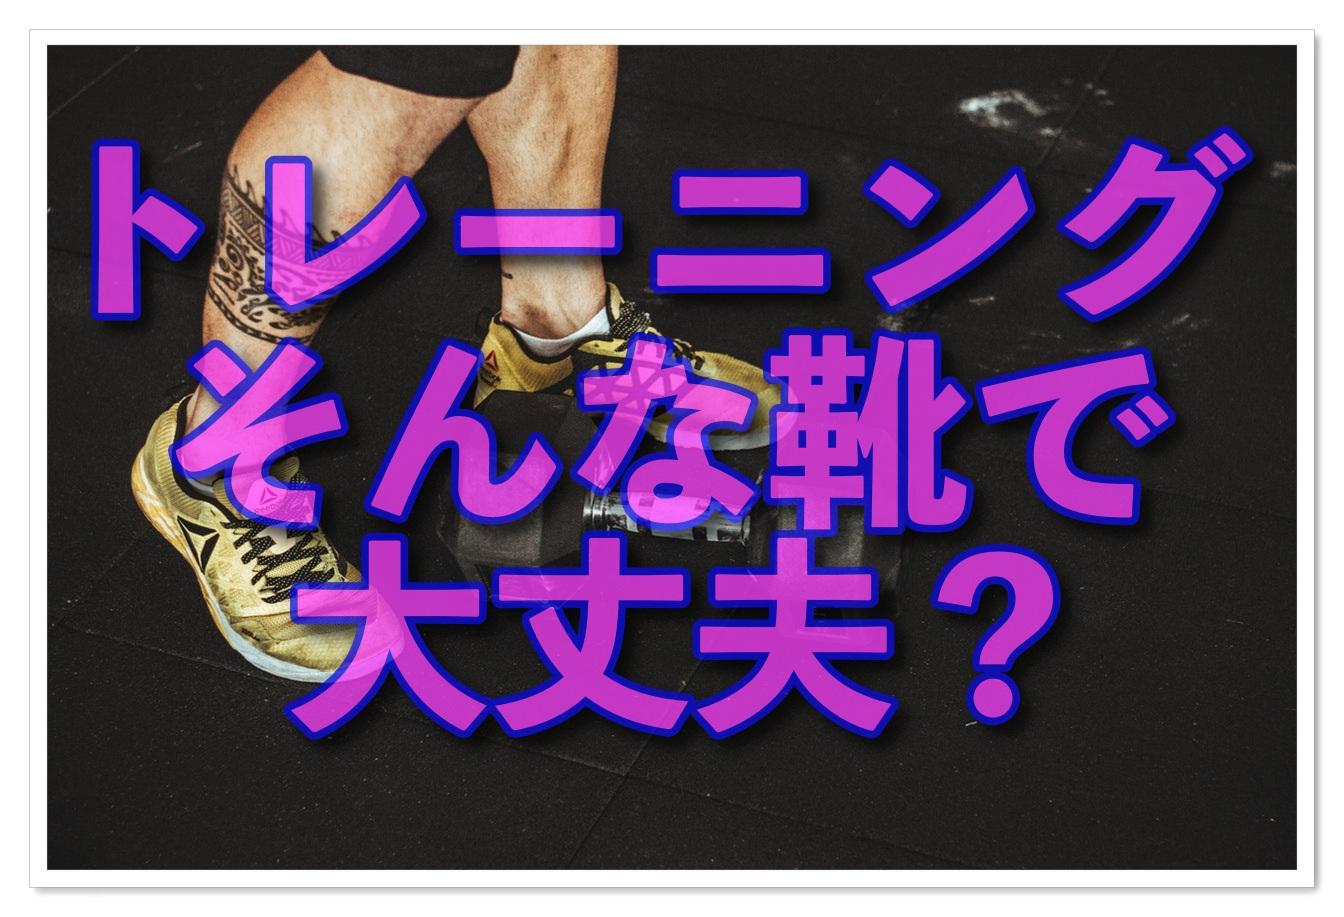 ジム初心者必見!ジムで履く靴の選び方(メンズ編)